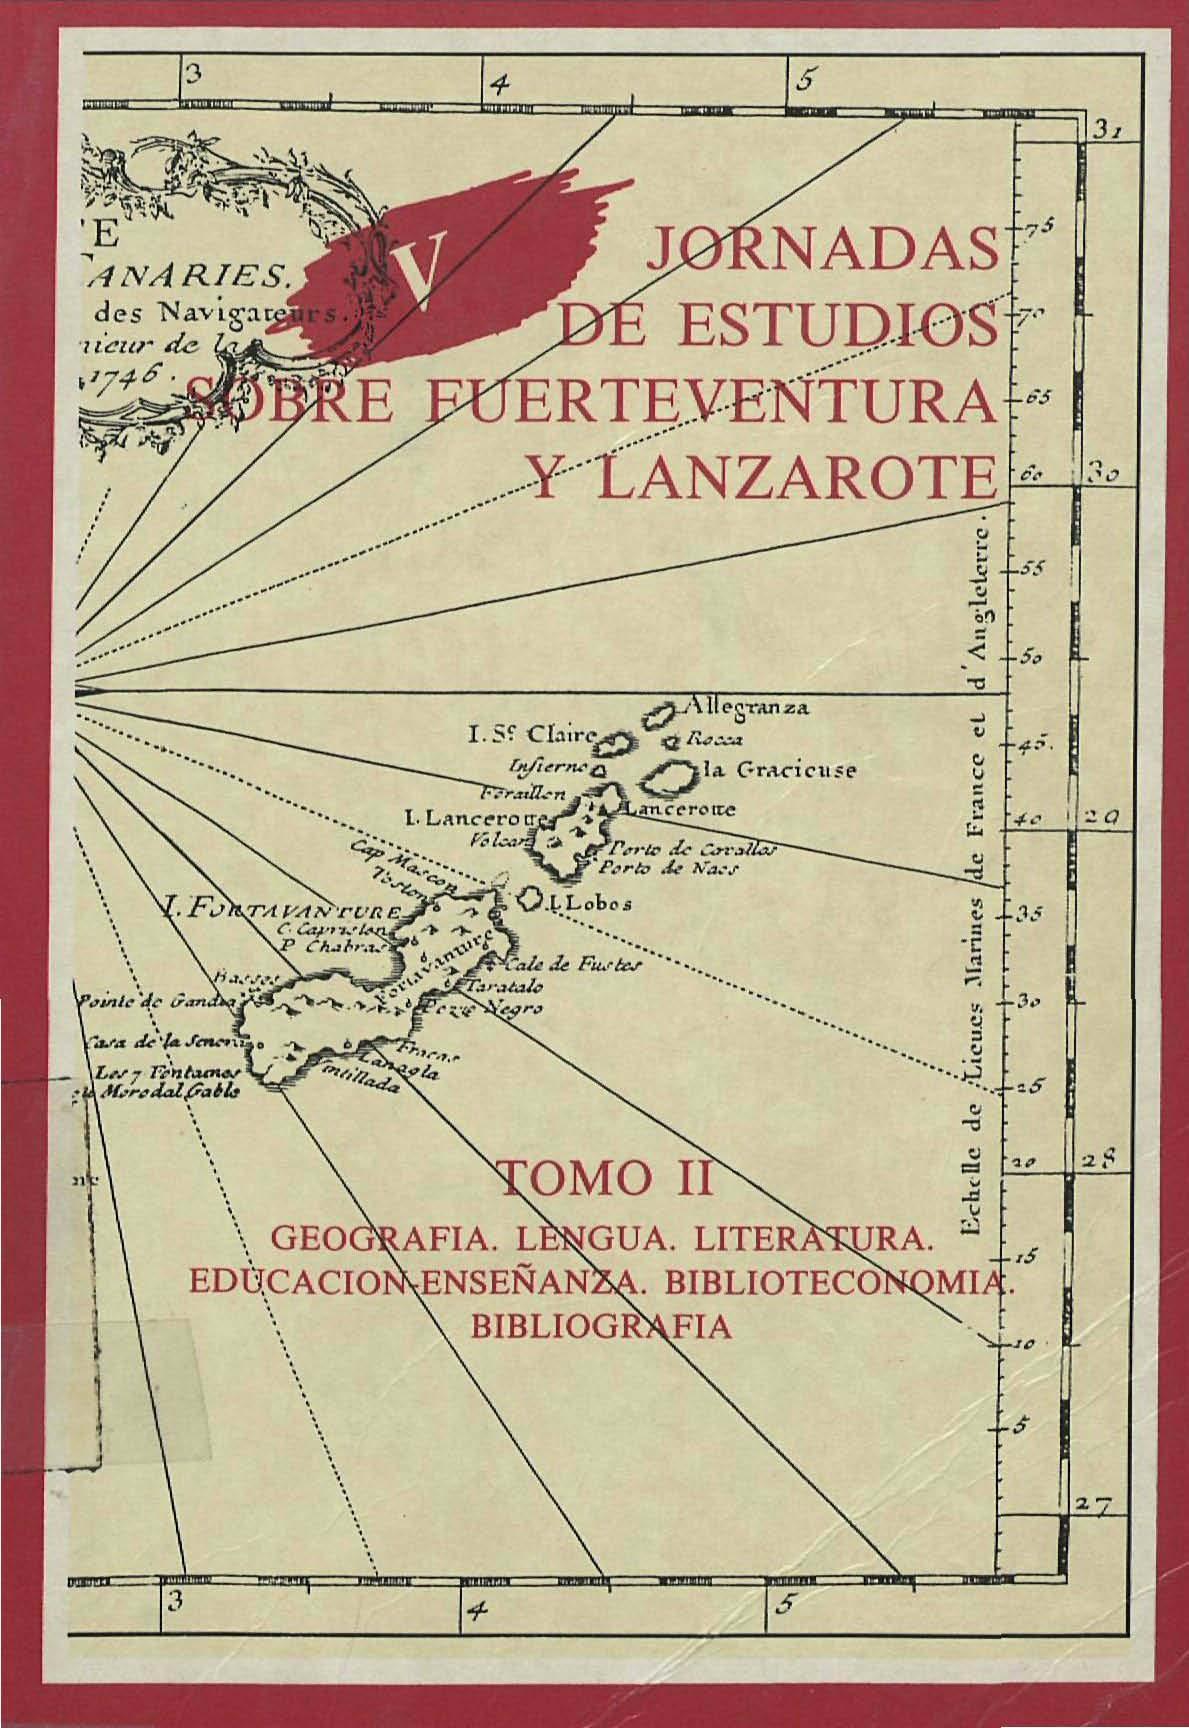 La visión del panorama bibliotecario de Canarias a través de la prensa